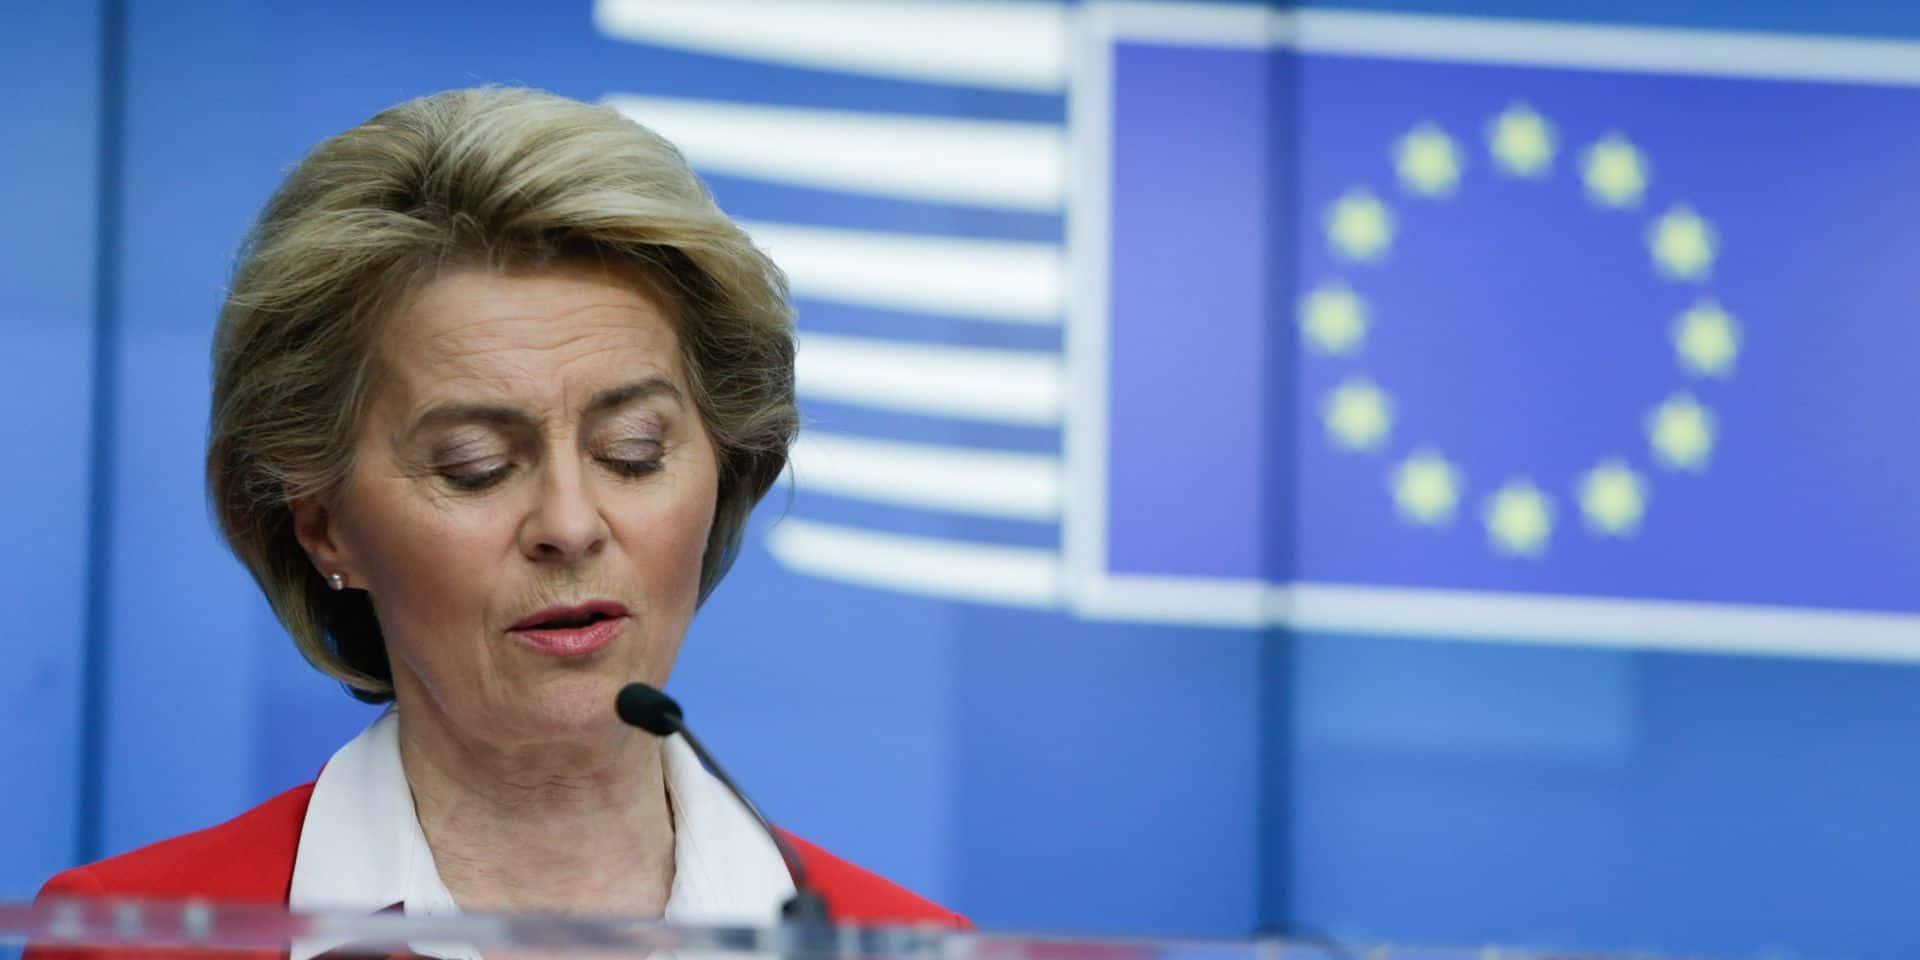 La Commission européenne va proposer un nouveau projet de budget pluriannuel pour riposter au coronavirus